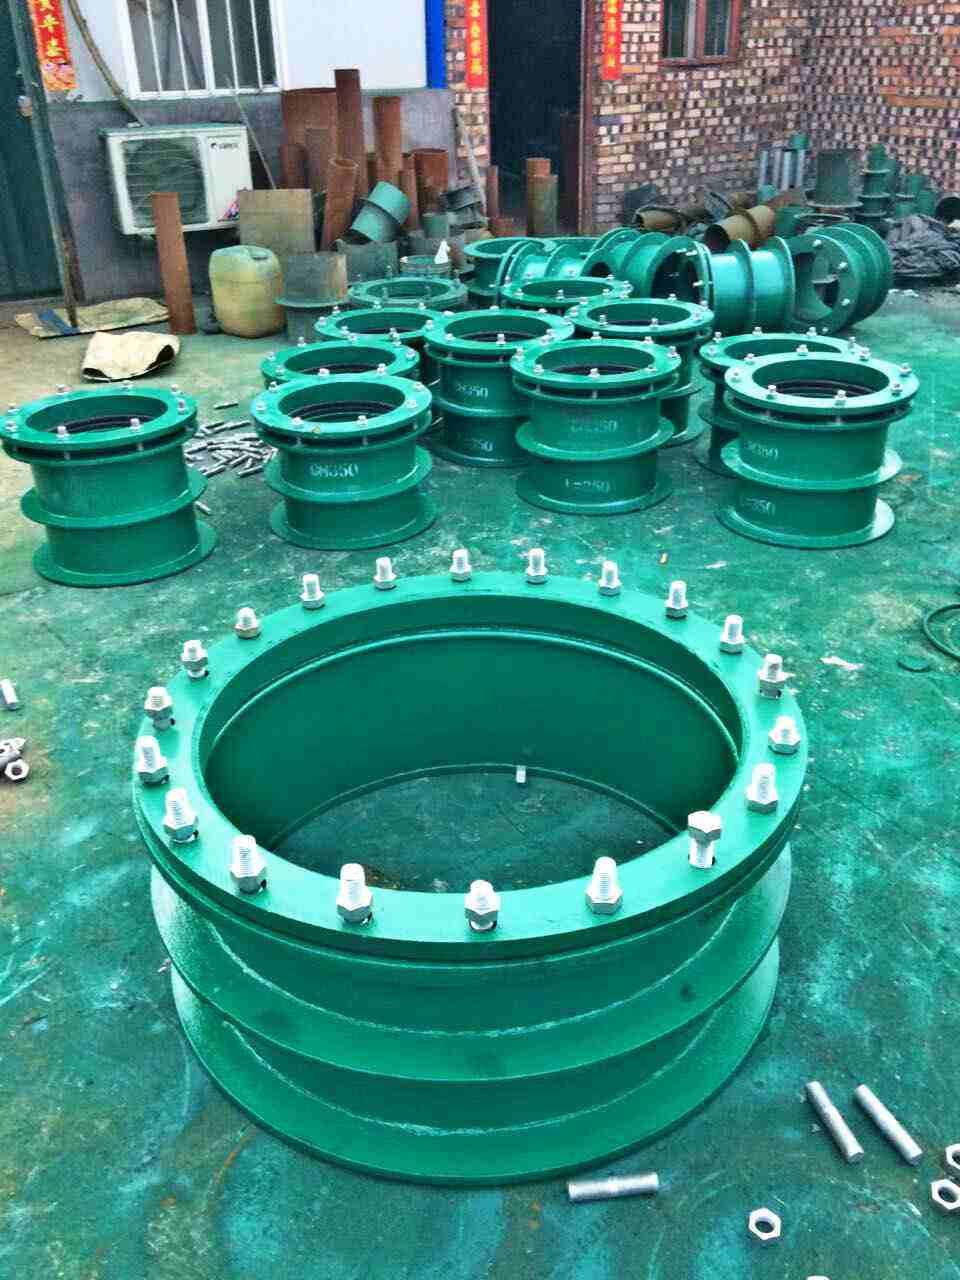 银川柔性防水套管,银川市柔性防水套管厂家,柔性防水套管